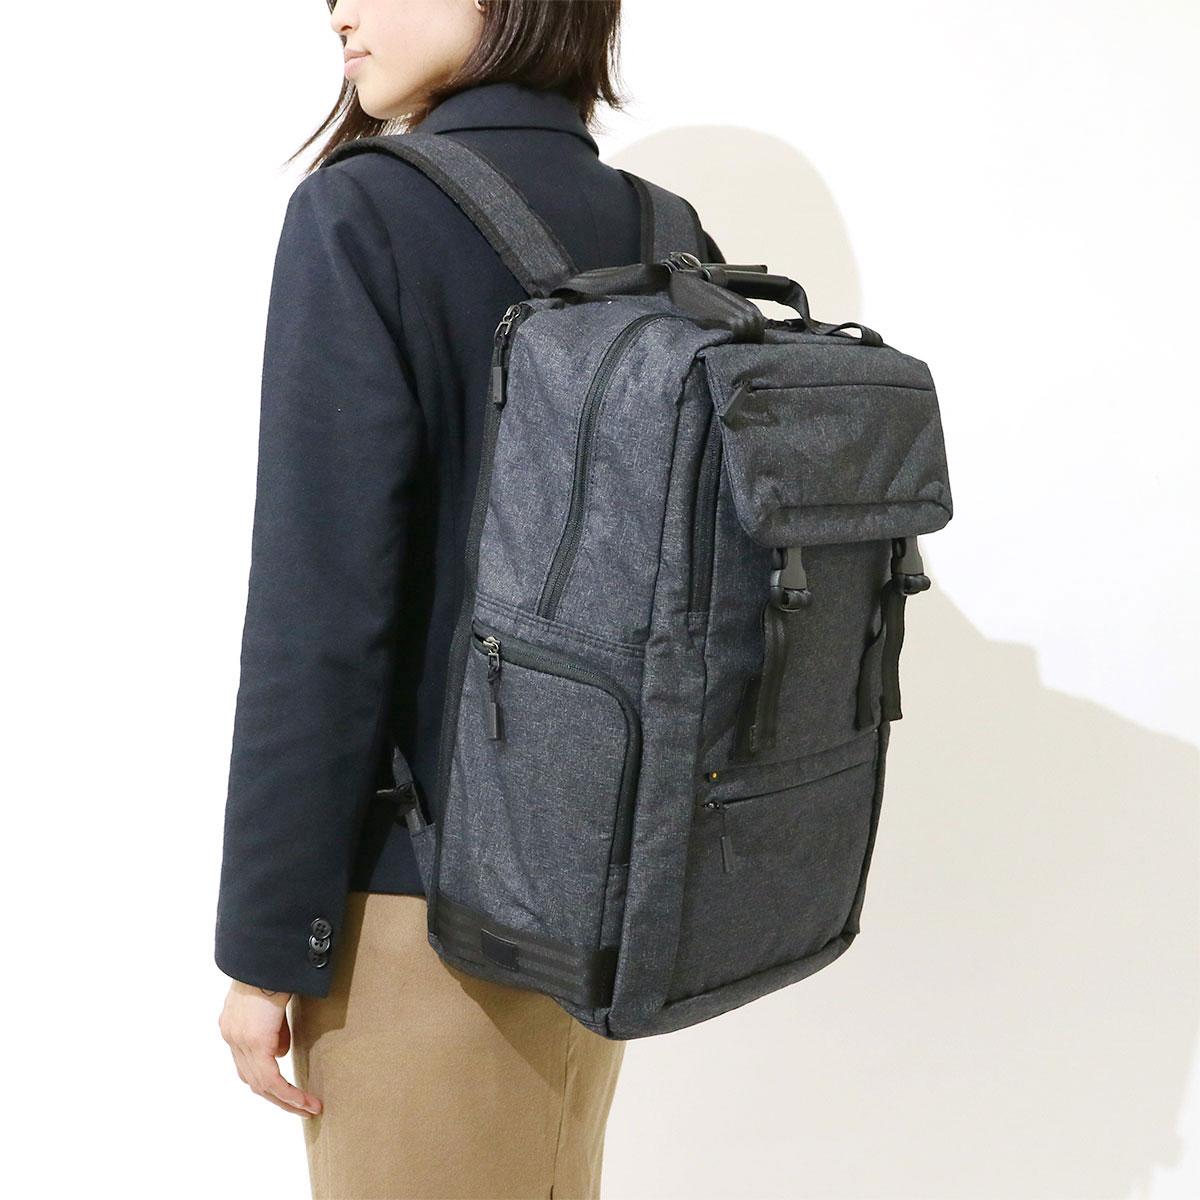 ace.GENE背包业务背包HOVERLITE B4男装女装59007